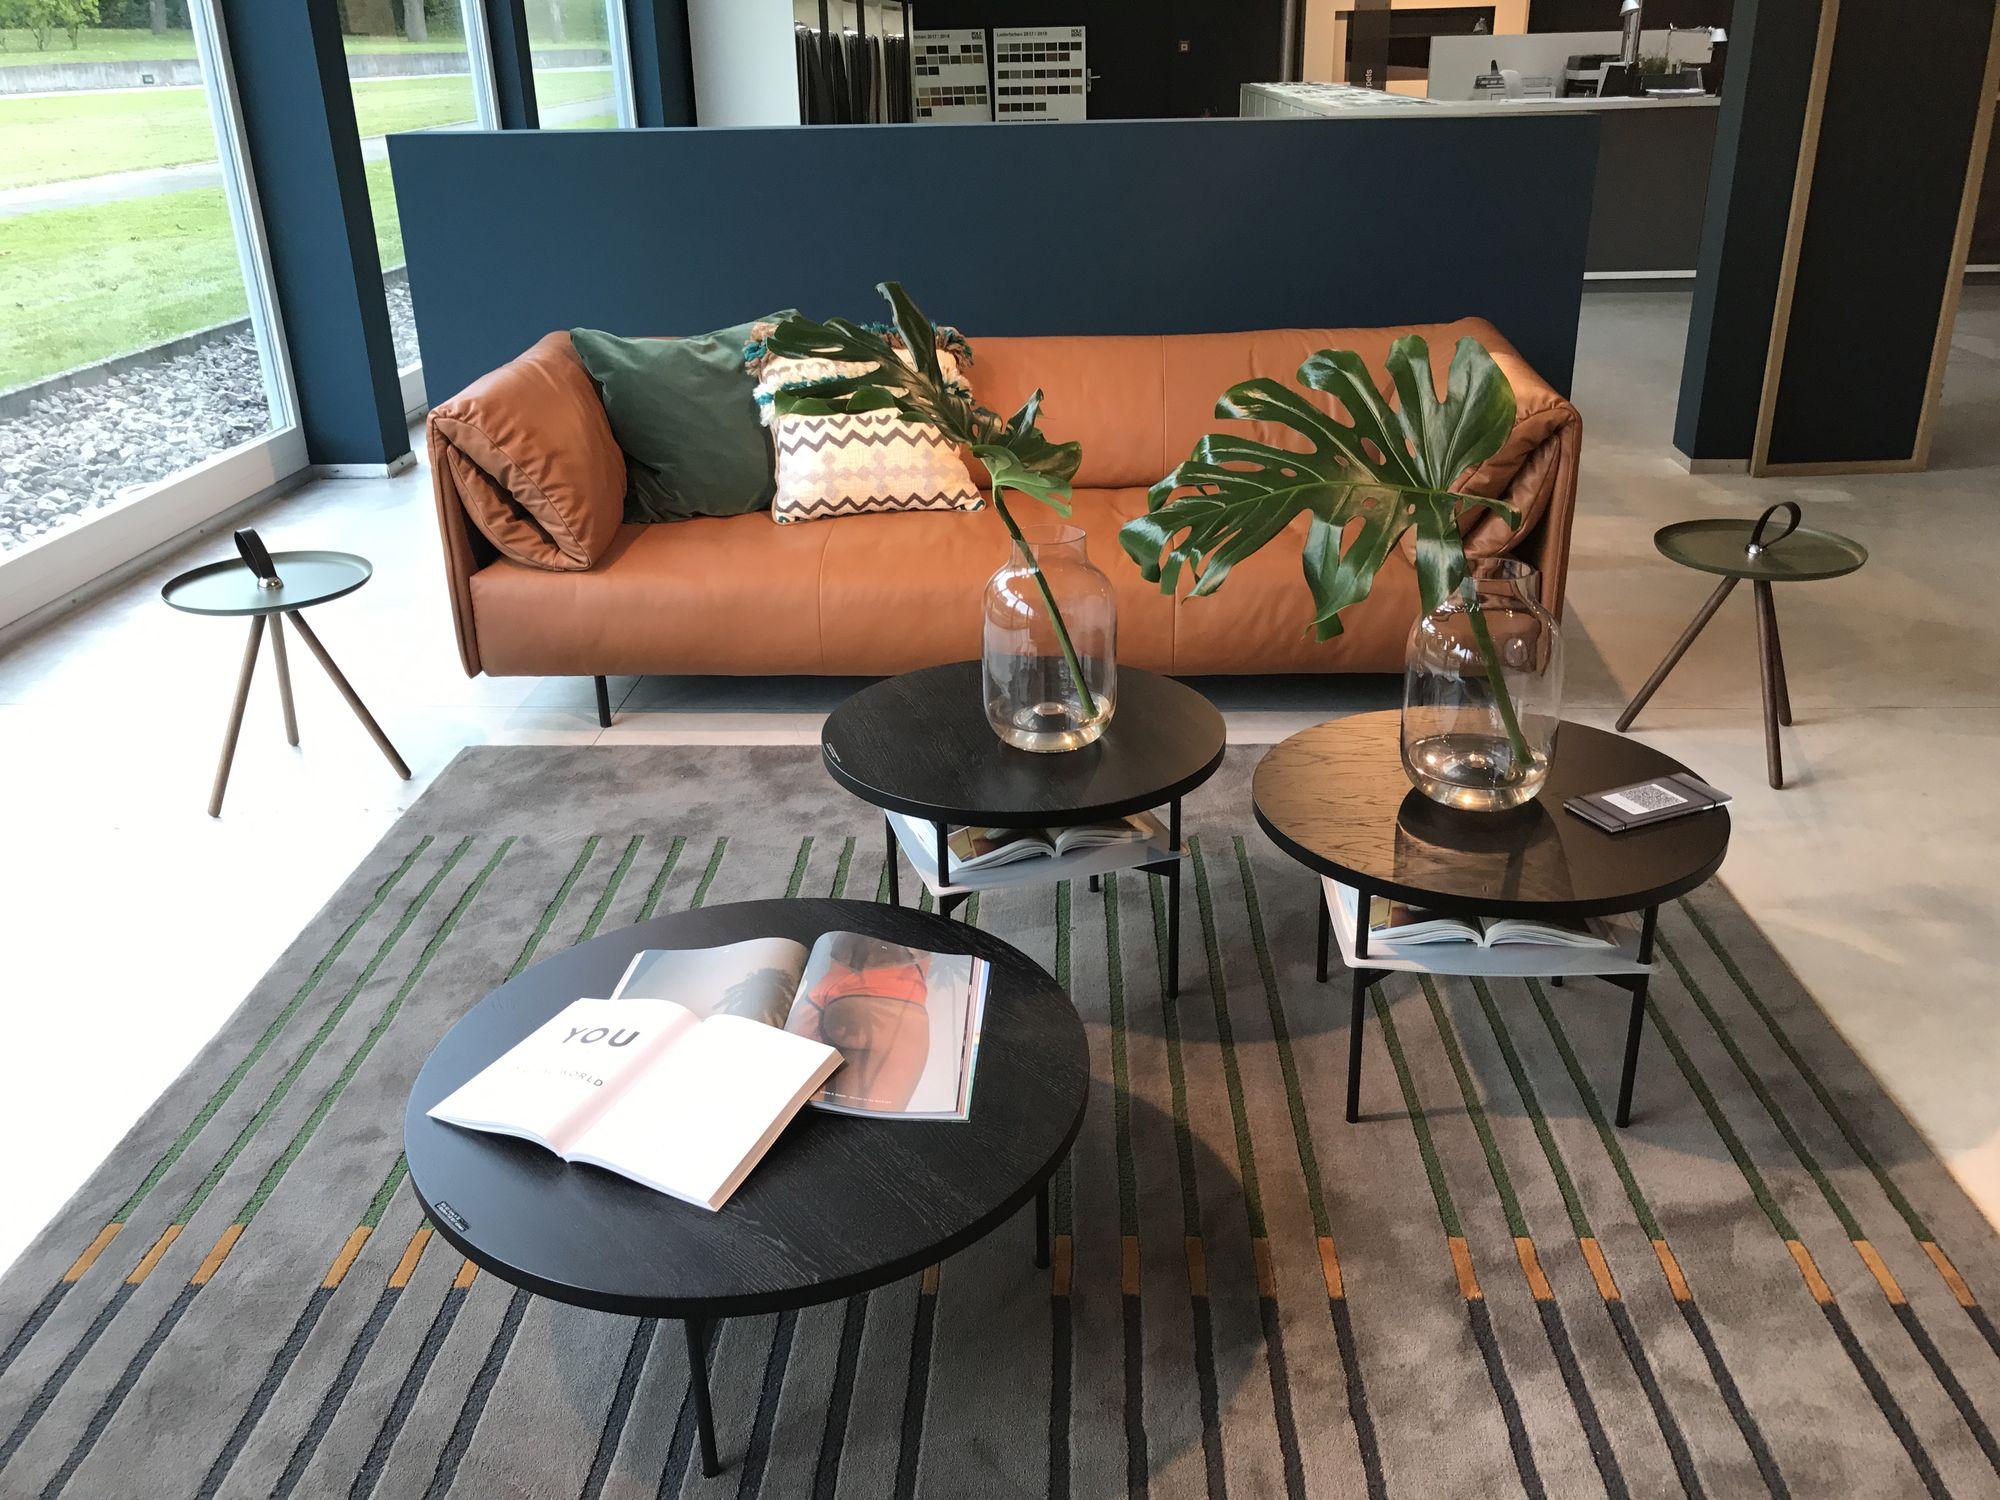 rolf benz alma sofa in nappa leder cognac rolf benz polsterm bel rolf benz izabela k. Black Bedroom Furniture Sets. Home Design Ideas